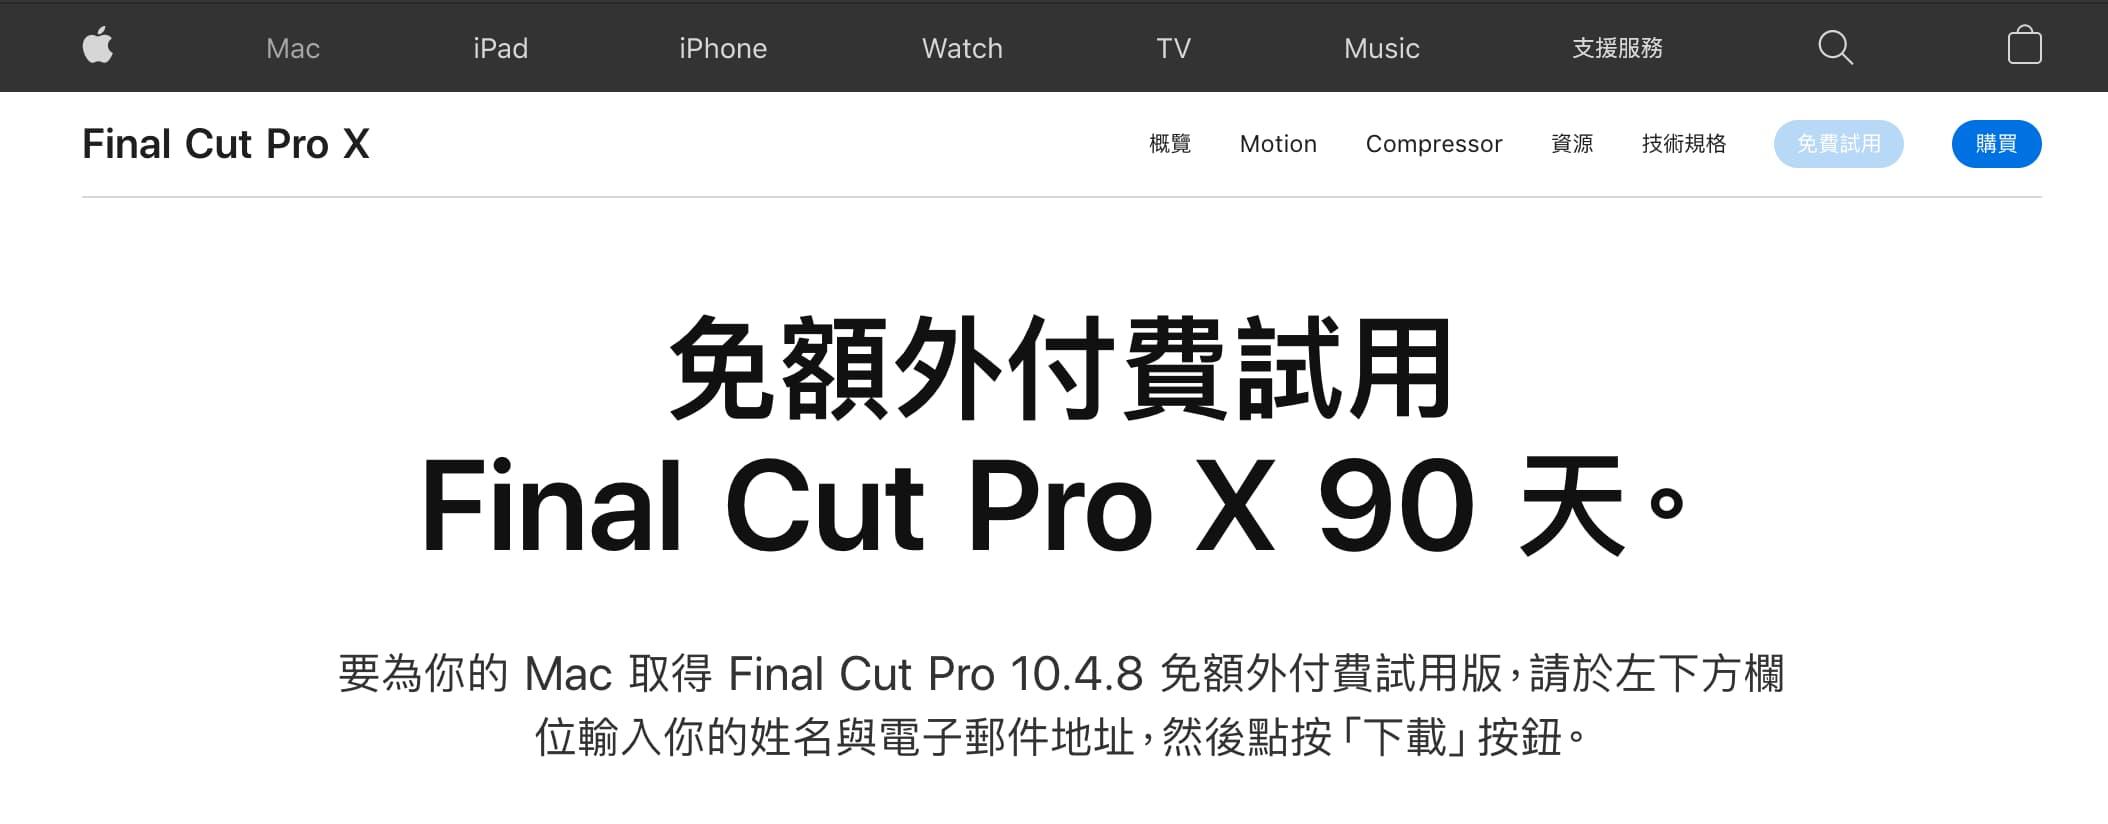 蘋果佛心爆發!替 Final Cut Pro X、Logic Pro X 免費期延長90天